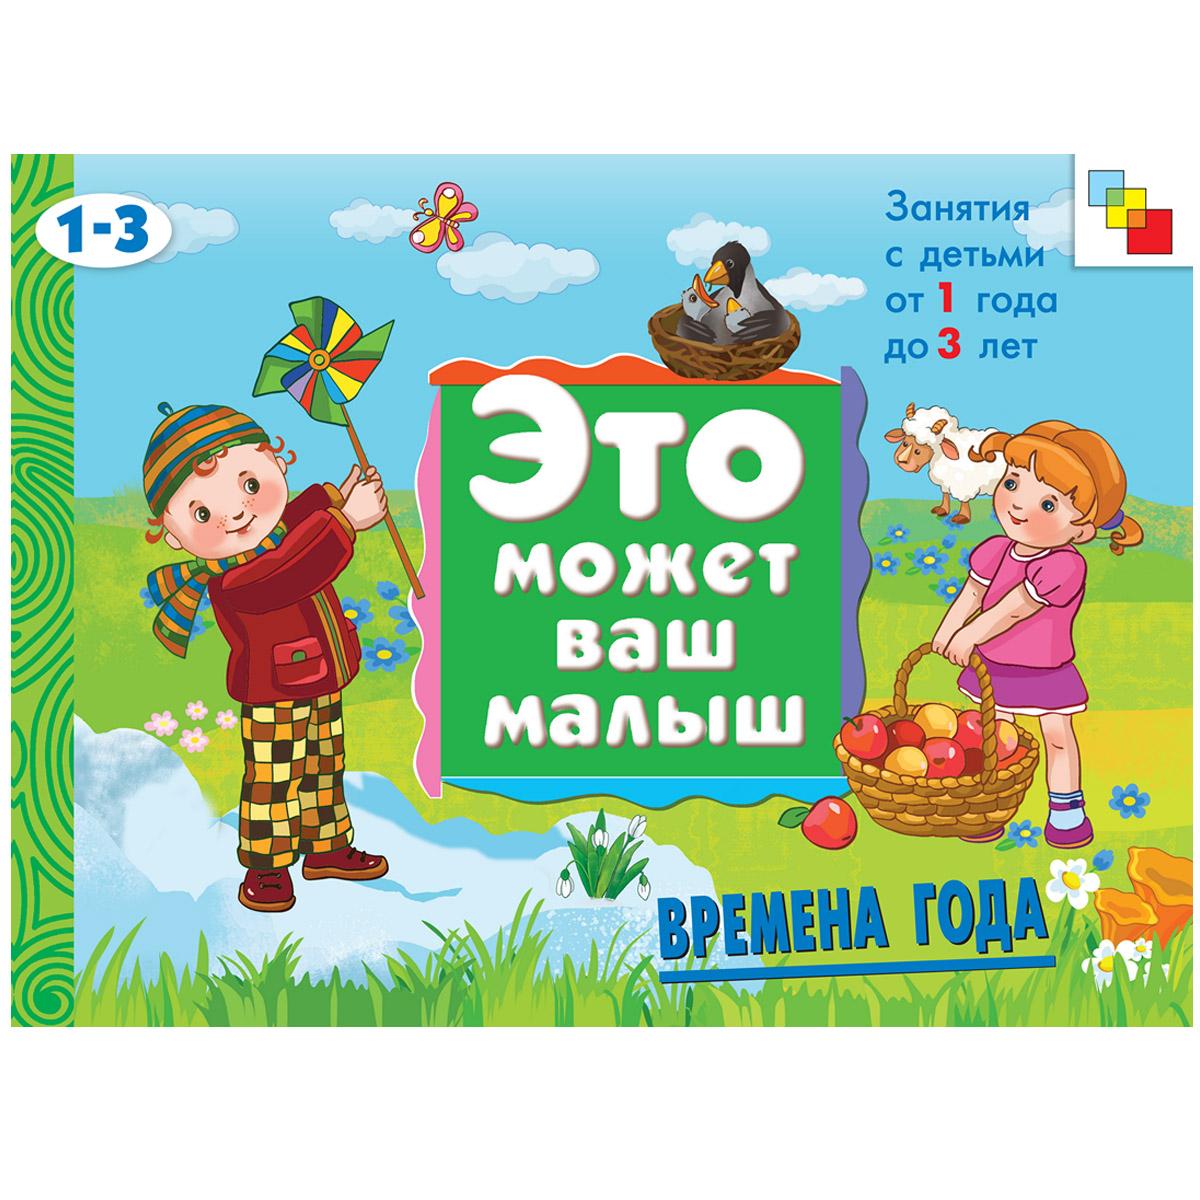 Художественный альбом для занятий с детьми 1-3 лет. Это может ваш малыш Времена года<br>